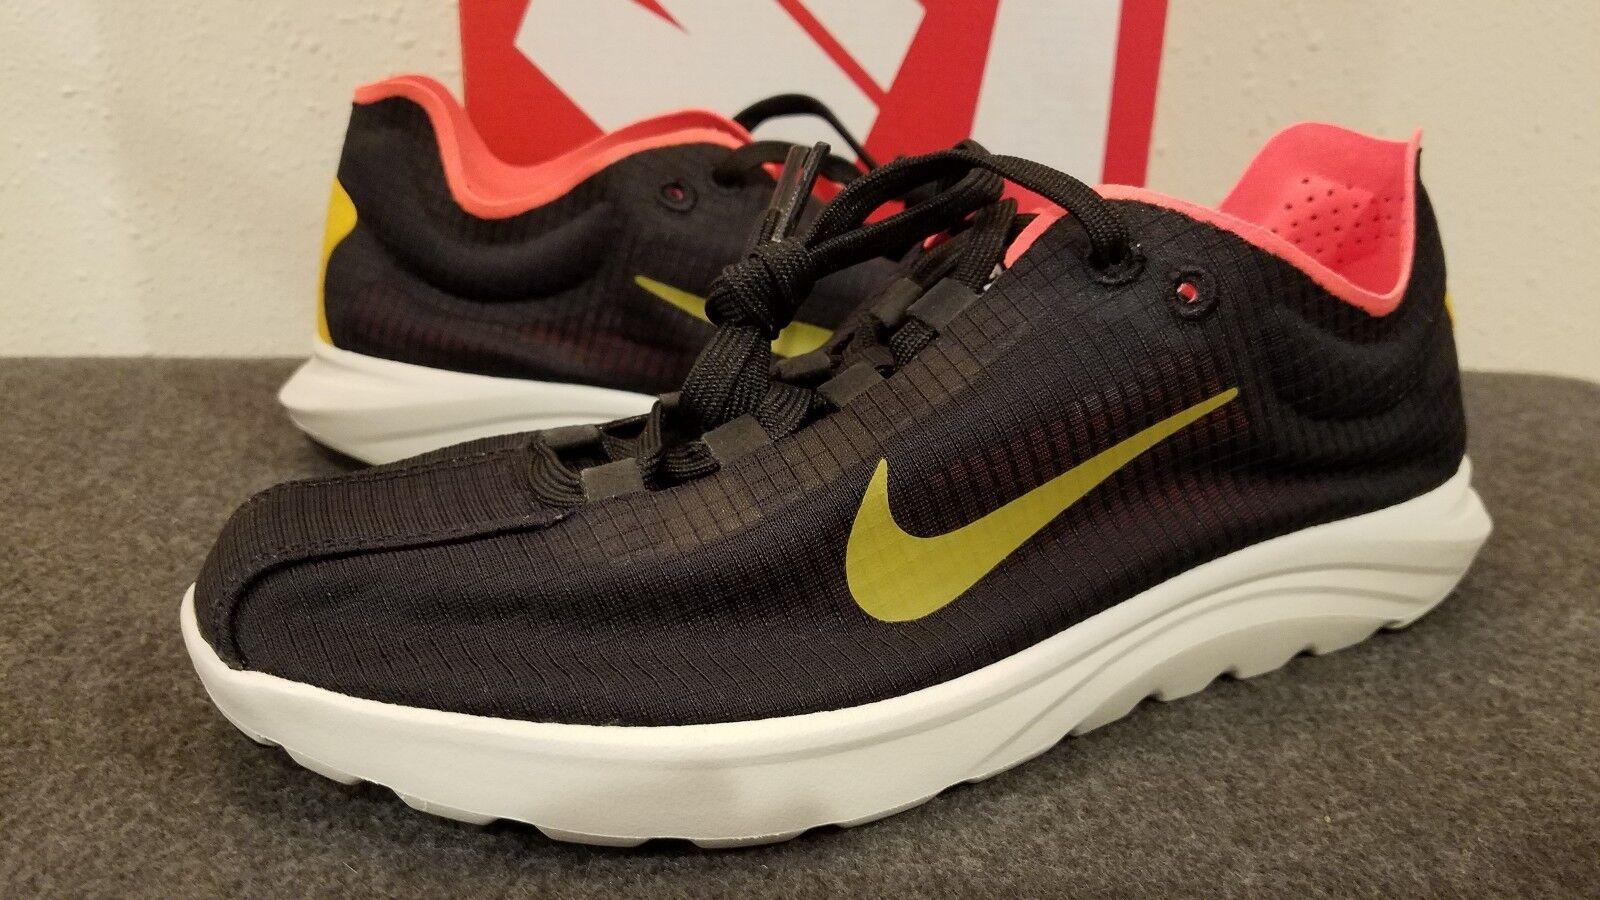 d316ebca824ed Nike Women s Mayfly Lite SI Size Size Size 9 881196 001 Black Gold Dart  Total